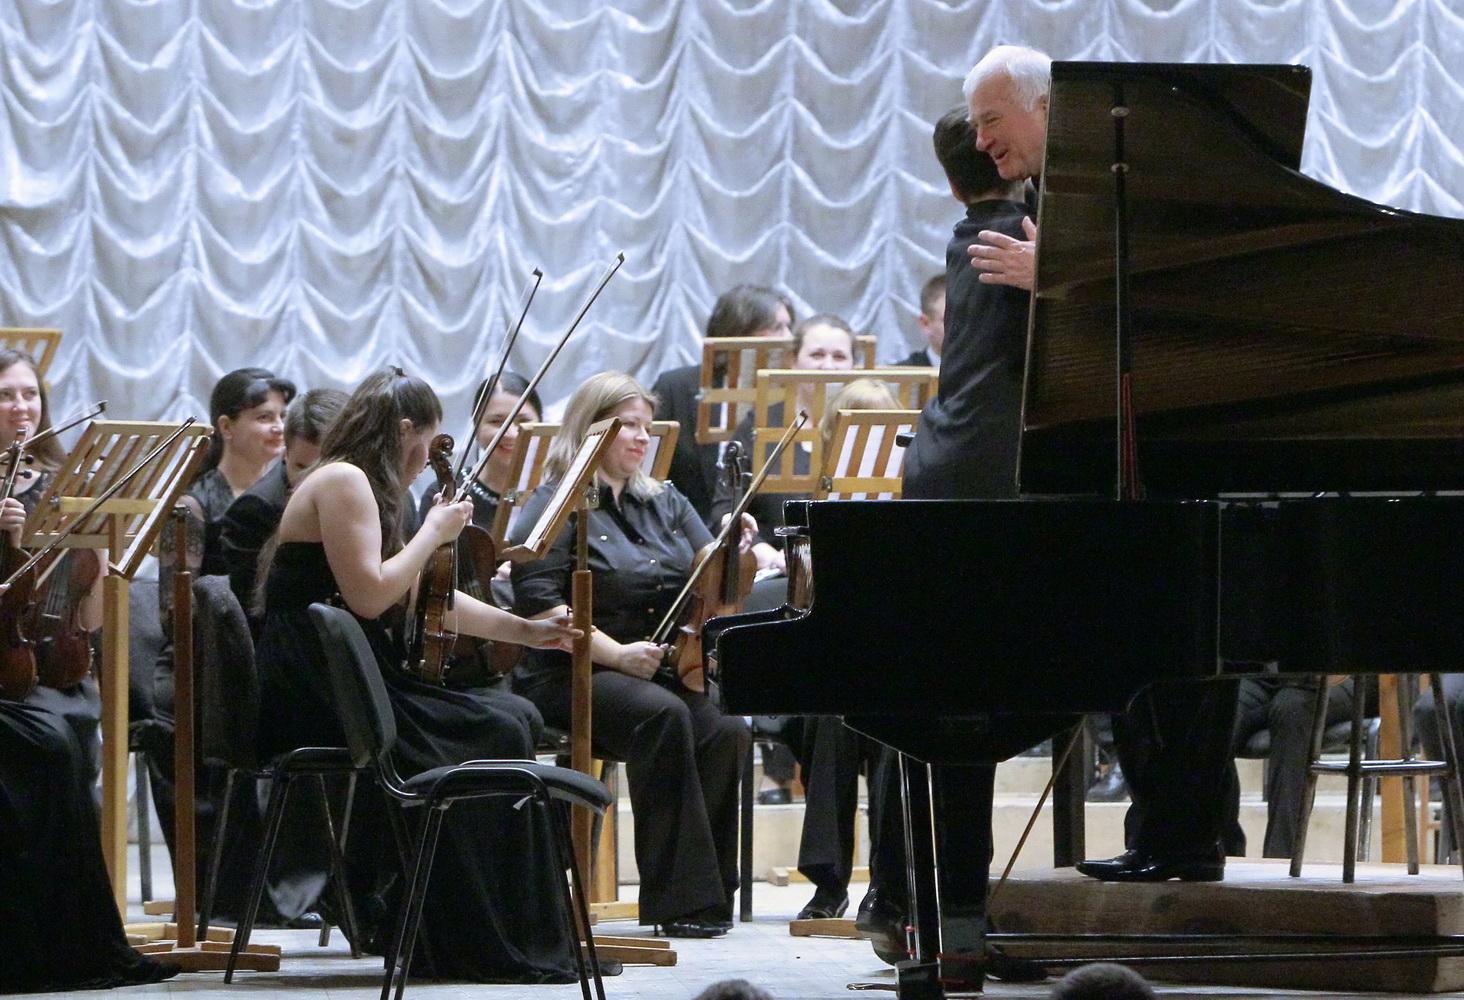 У Чернігові пройшов вечір фортепіанної музики (ФОТОРЕПОРТАЖ)